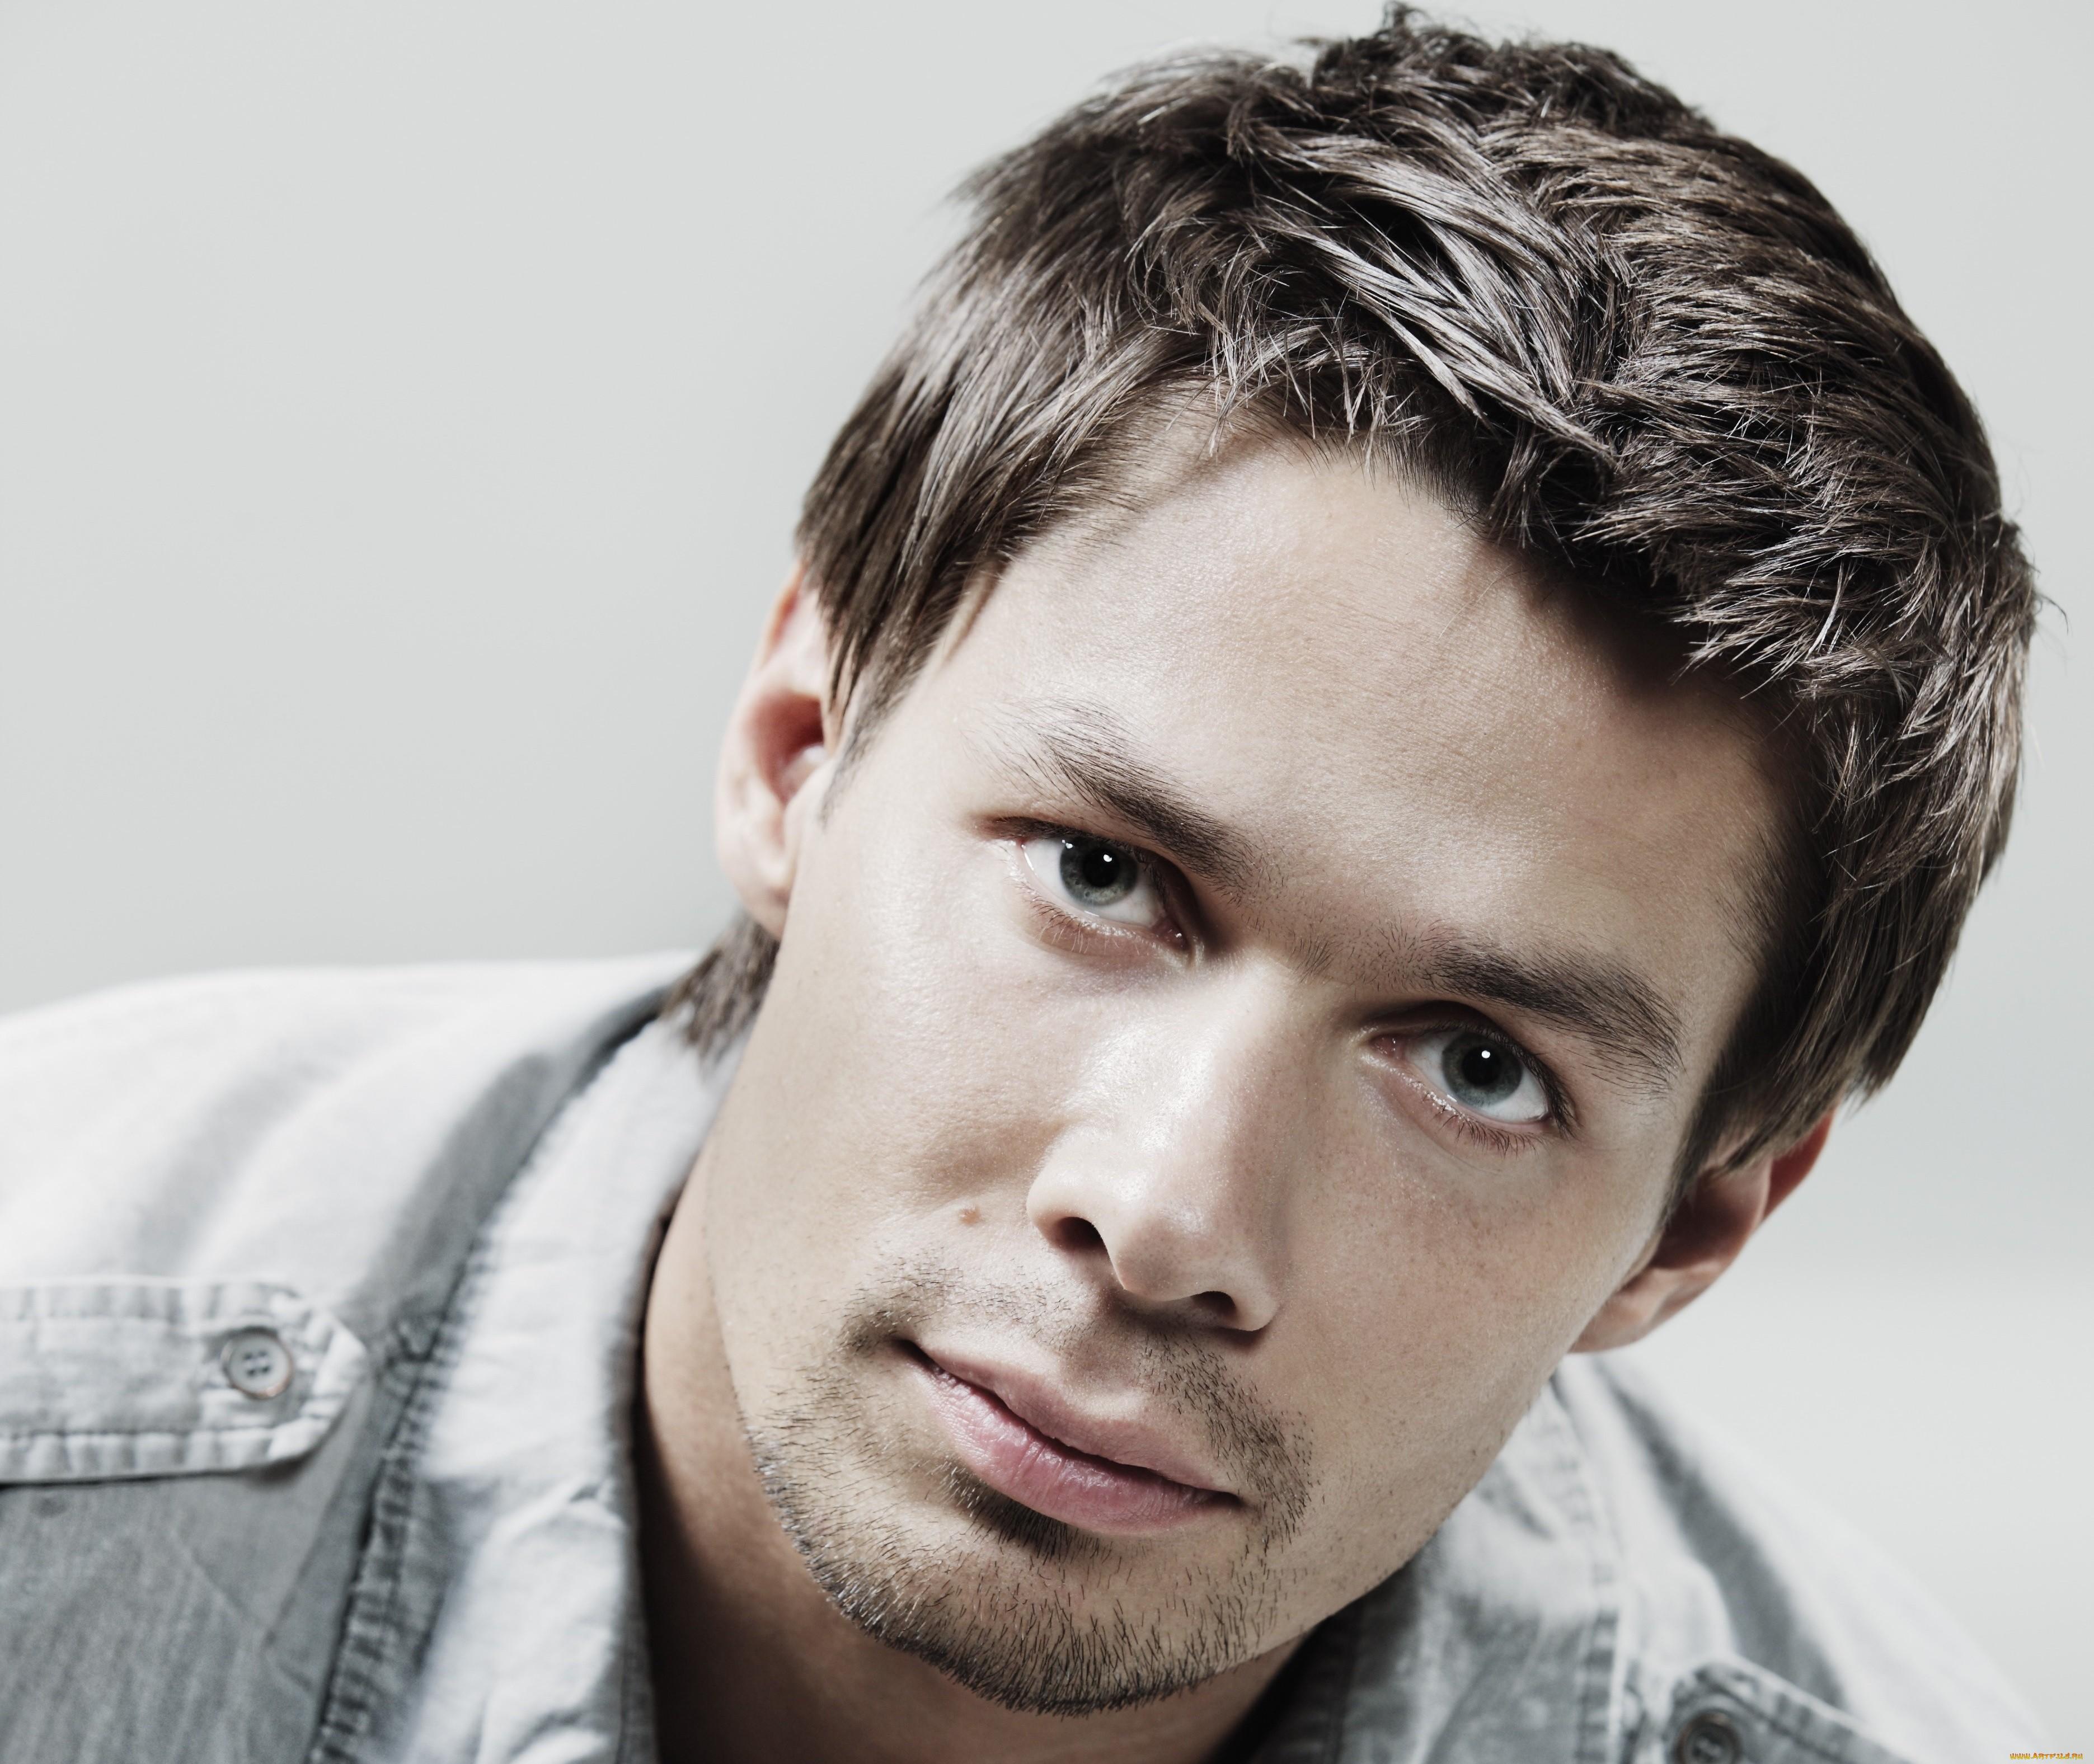 Засунуть голову фото поп русских артистов